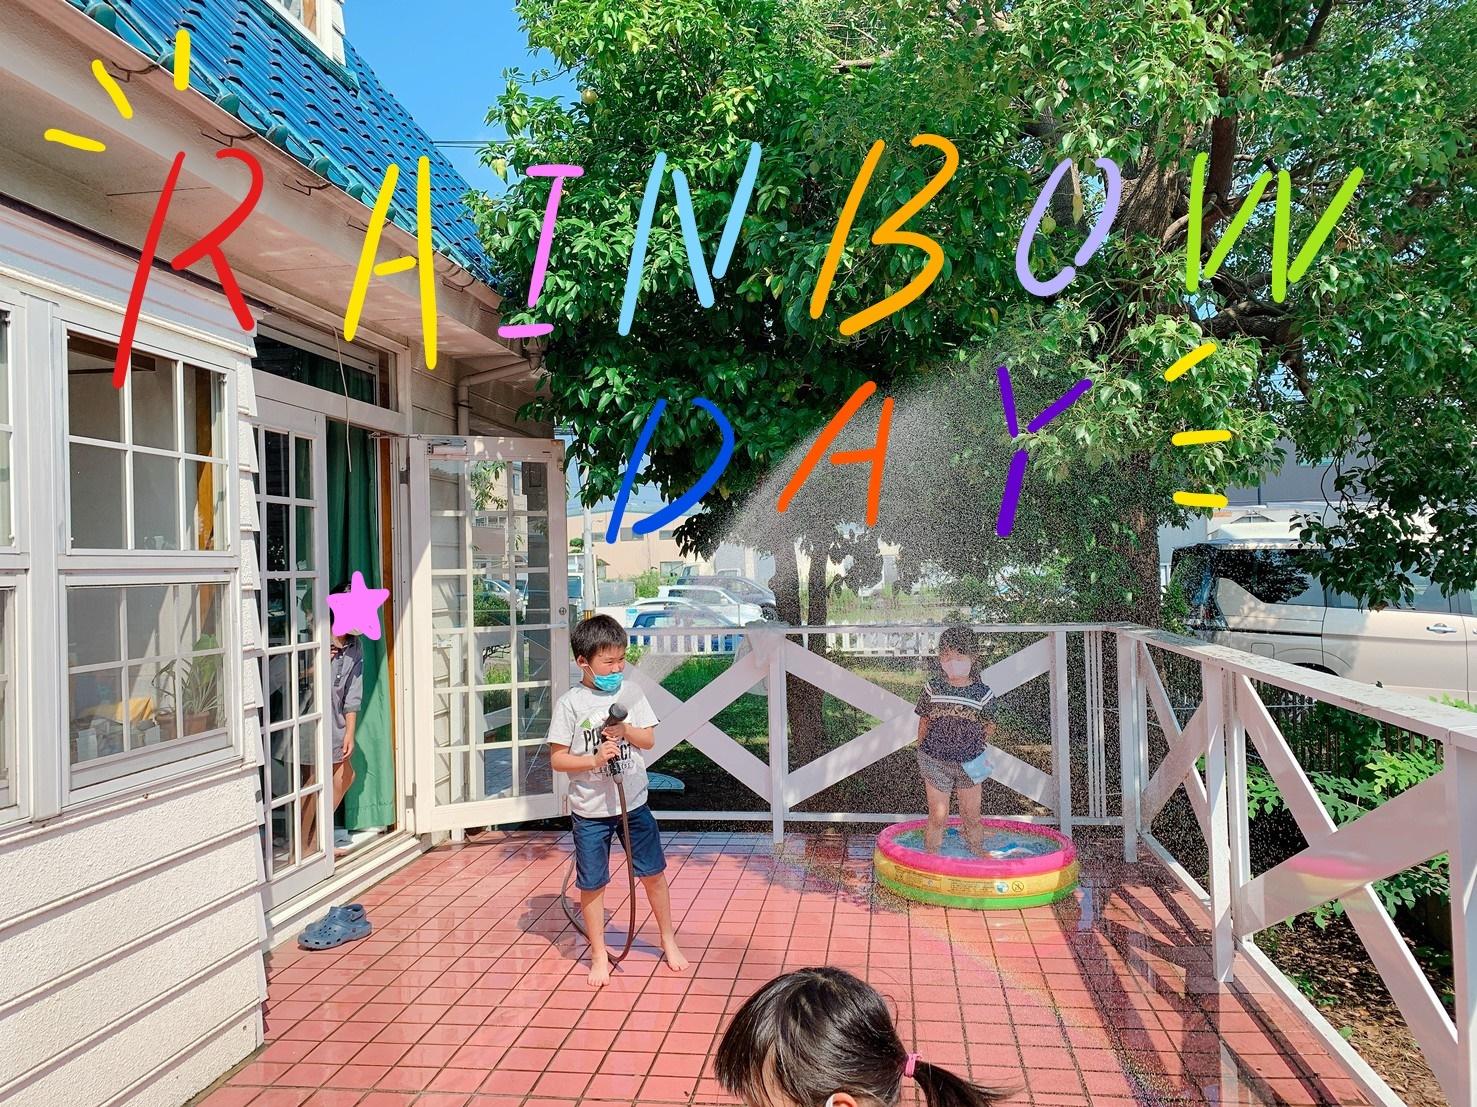 青い屋根のお家で涼みながら@埼玉